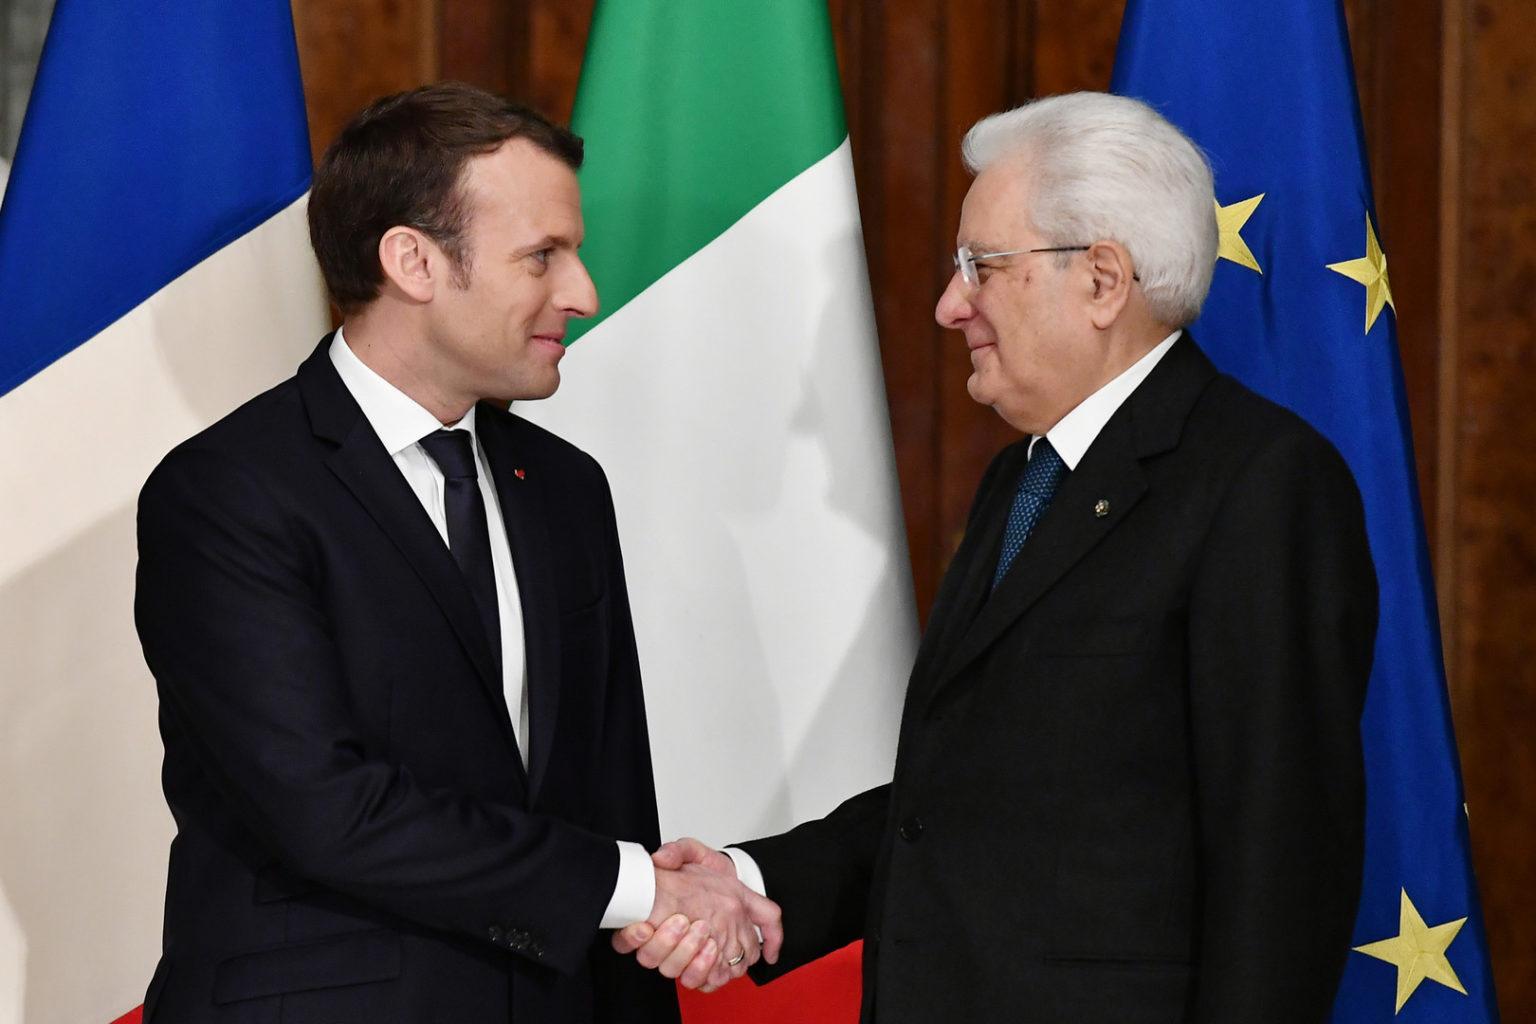 Rencontre des dirigeants français et italien